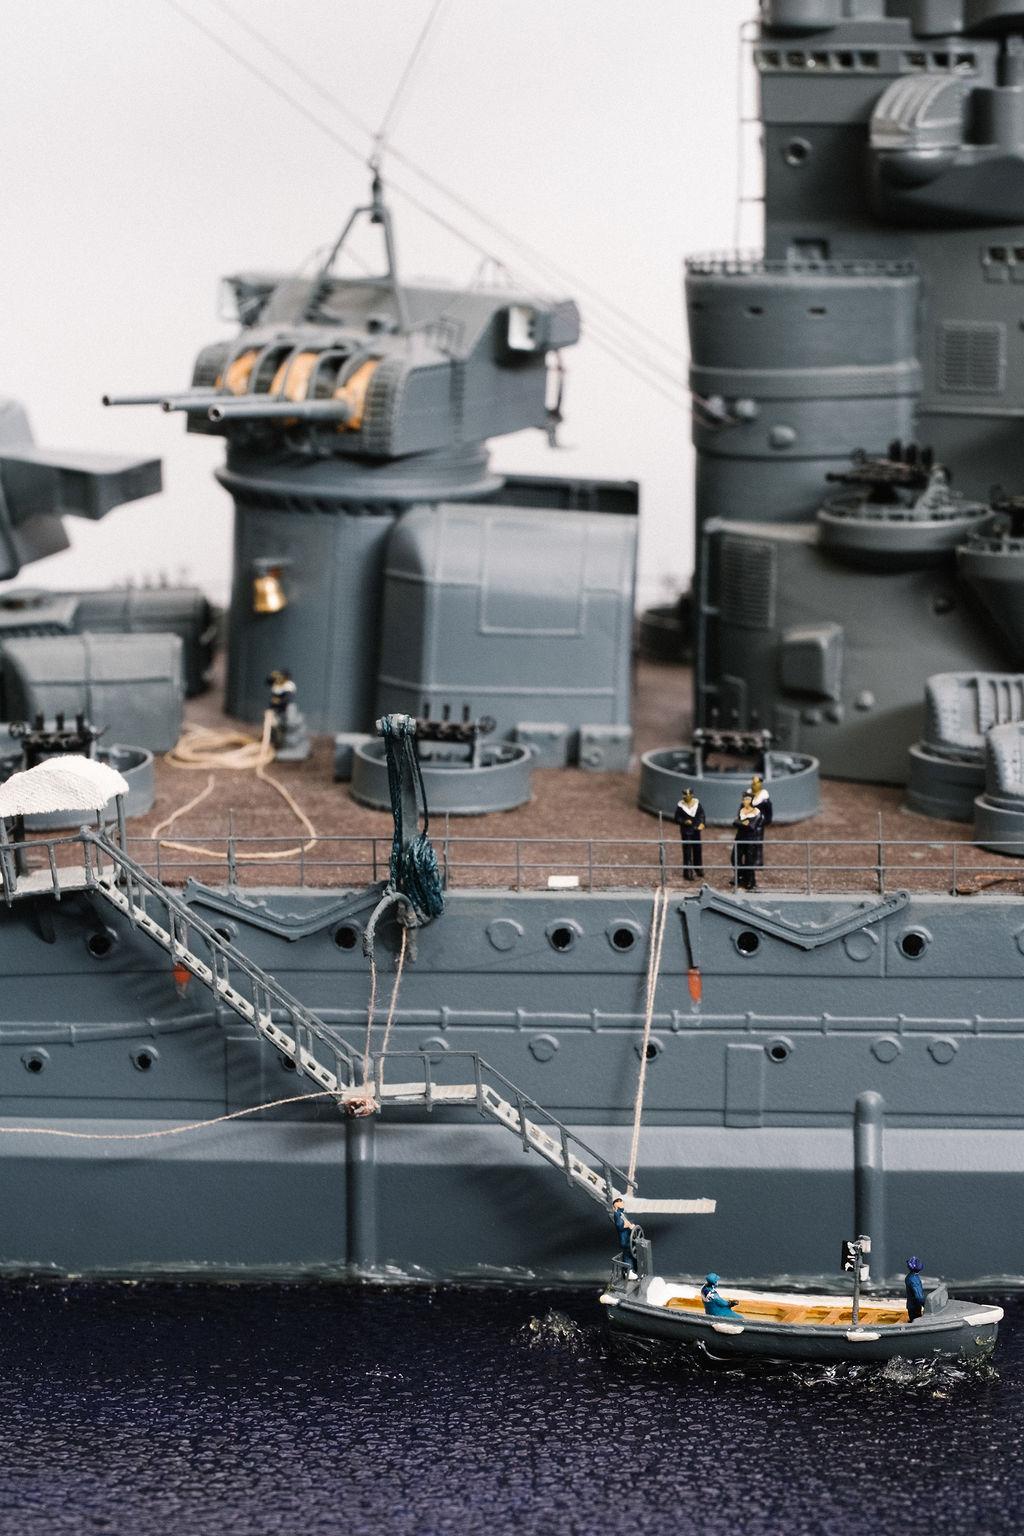 Yamato nouveaux aériens  plus réalistes - Page 2 Yamato56